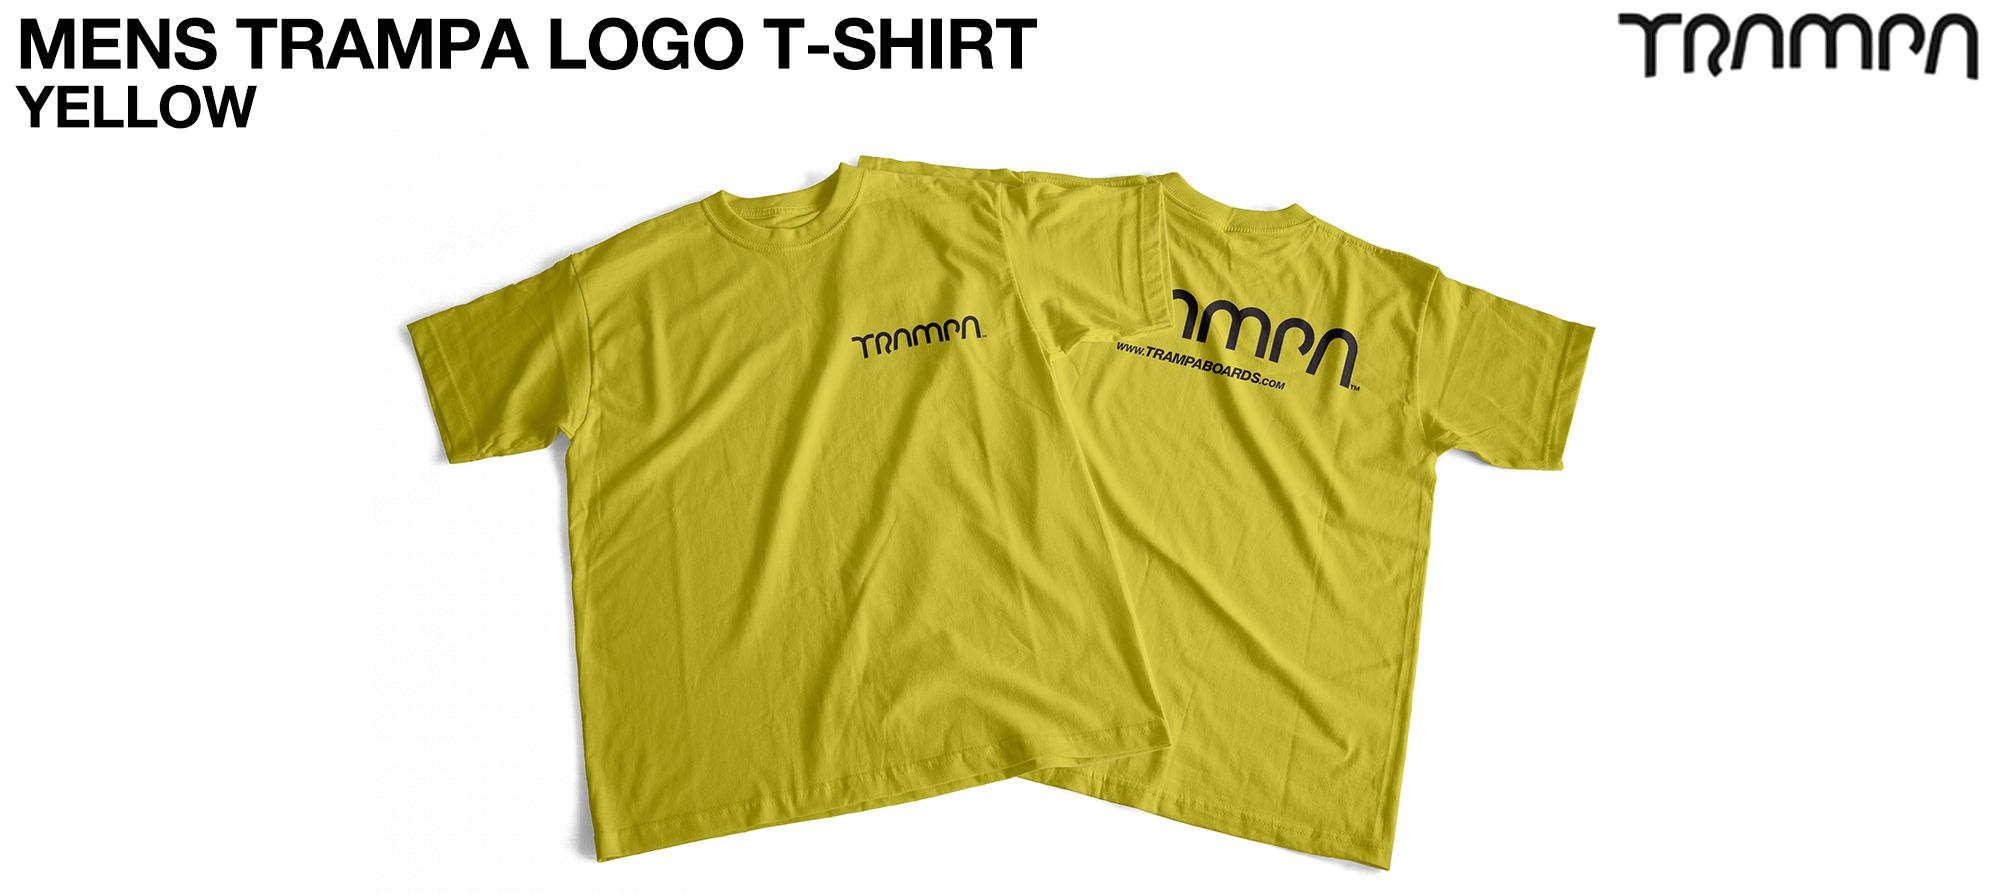 Gildan T  TRAMPA LOGO Yellow - CUSTOM (COPY)